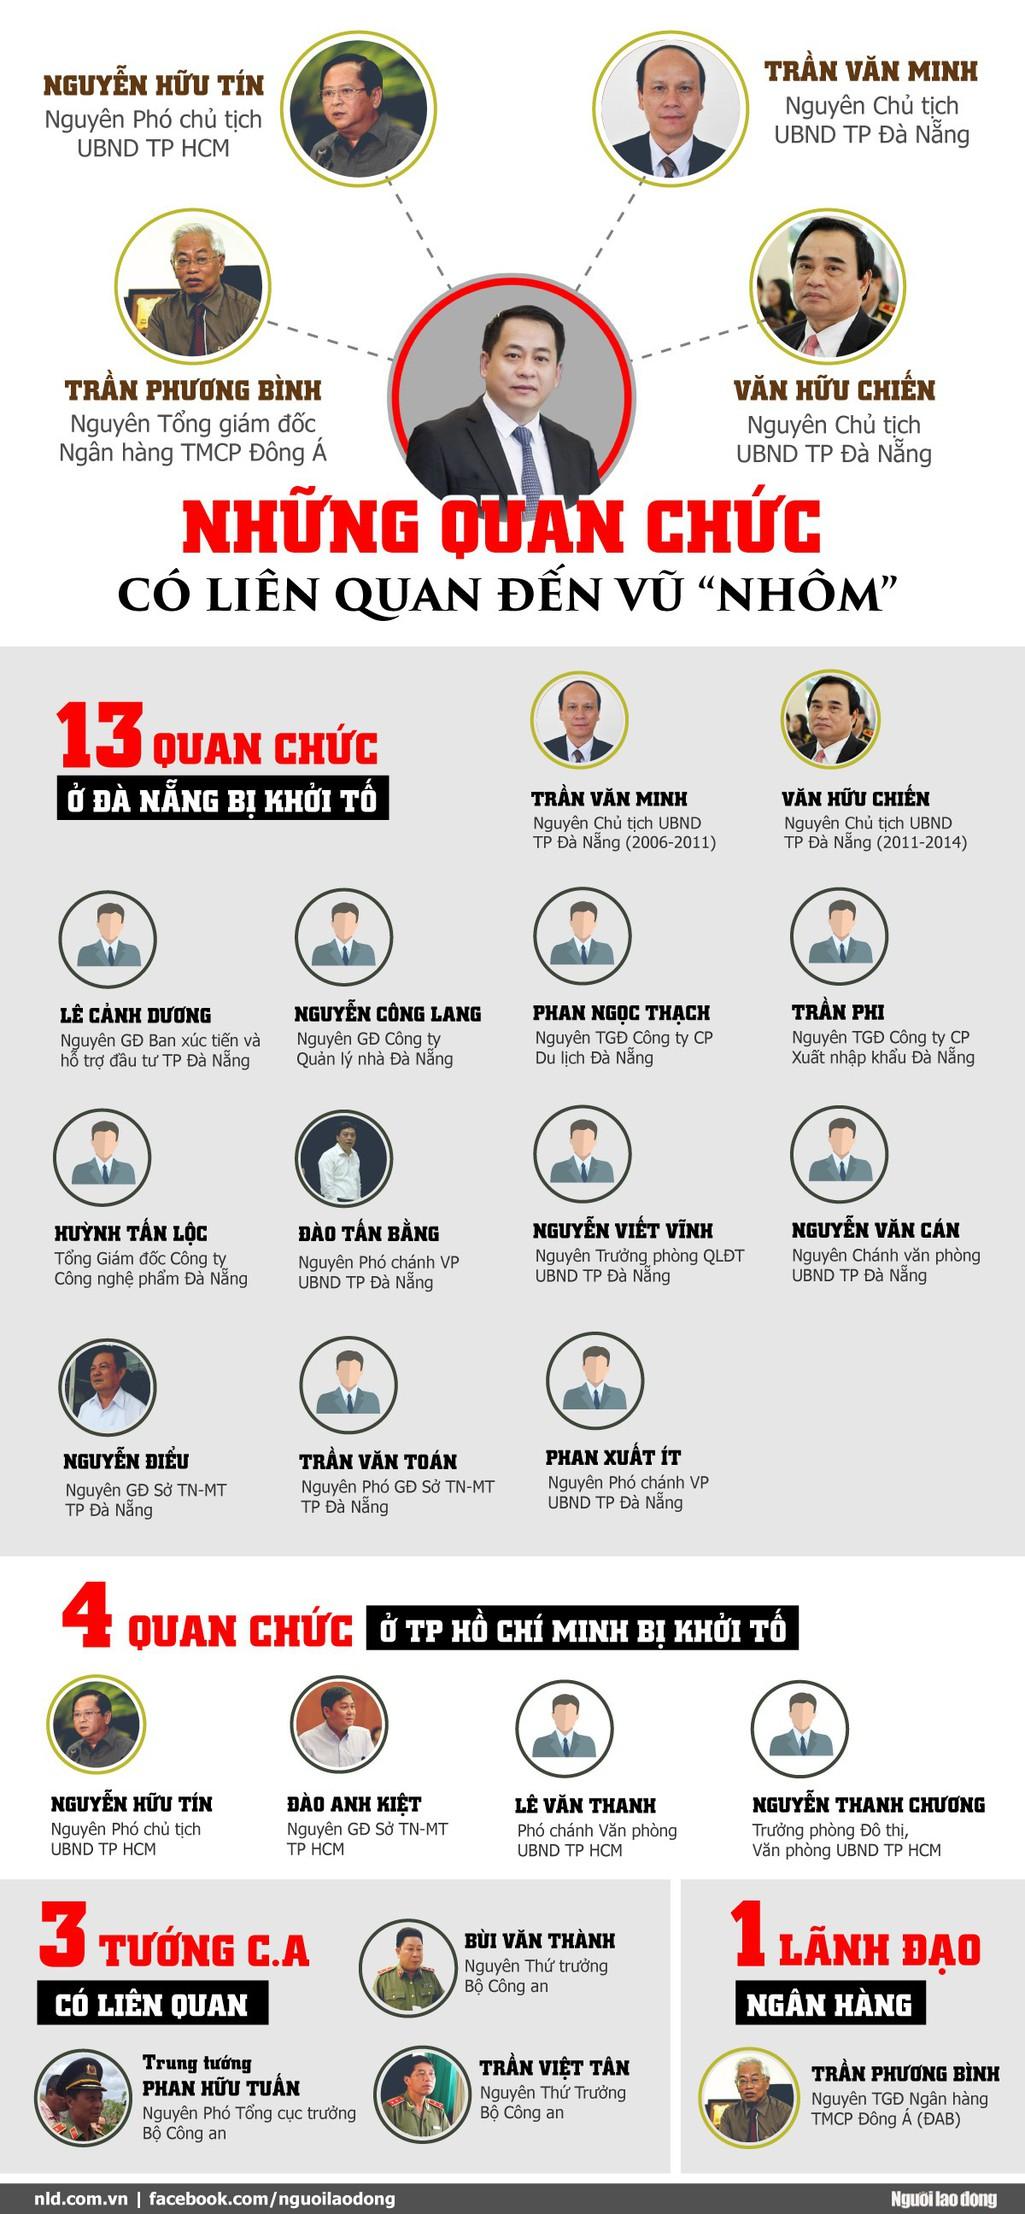 [Infographic] Vũ Nhôm đã kéo bao nhiêu quan chức sa ngã? - Ảnh 1.